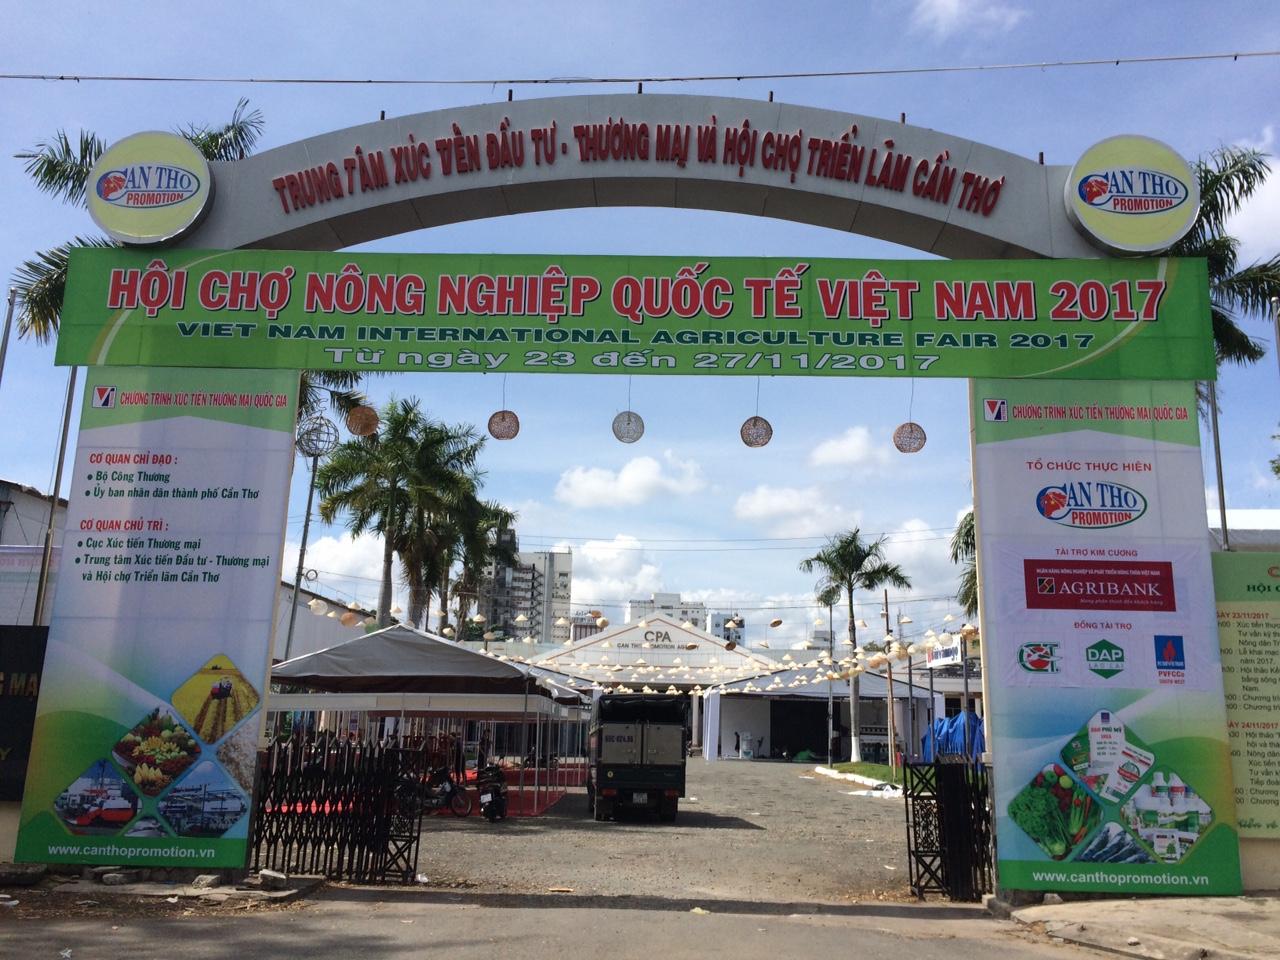 Thiết kế, thi công, trang trí không gian triển lãm tại Hội chợ nông nghiệp Quốc tế Việt Nam.